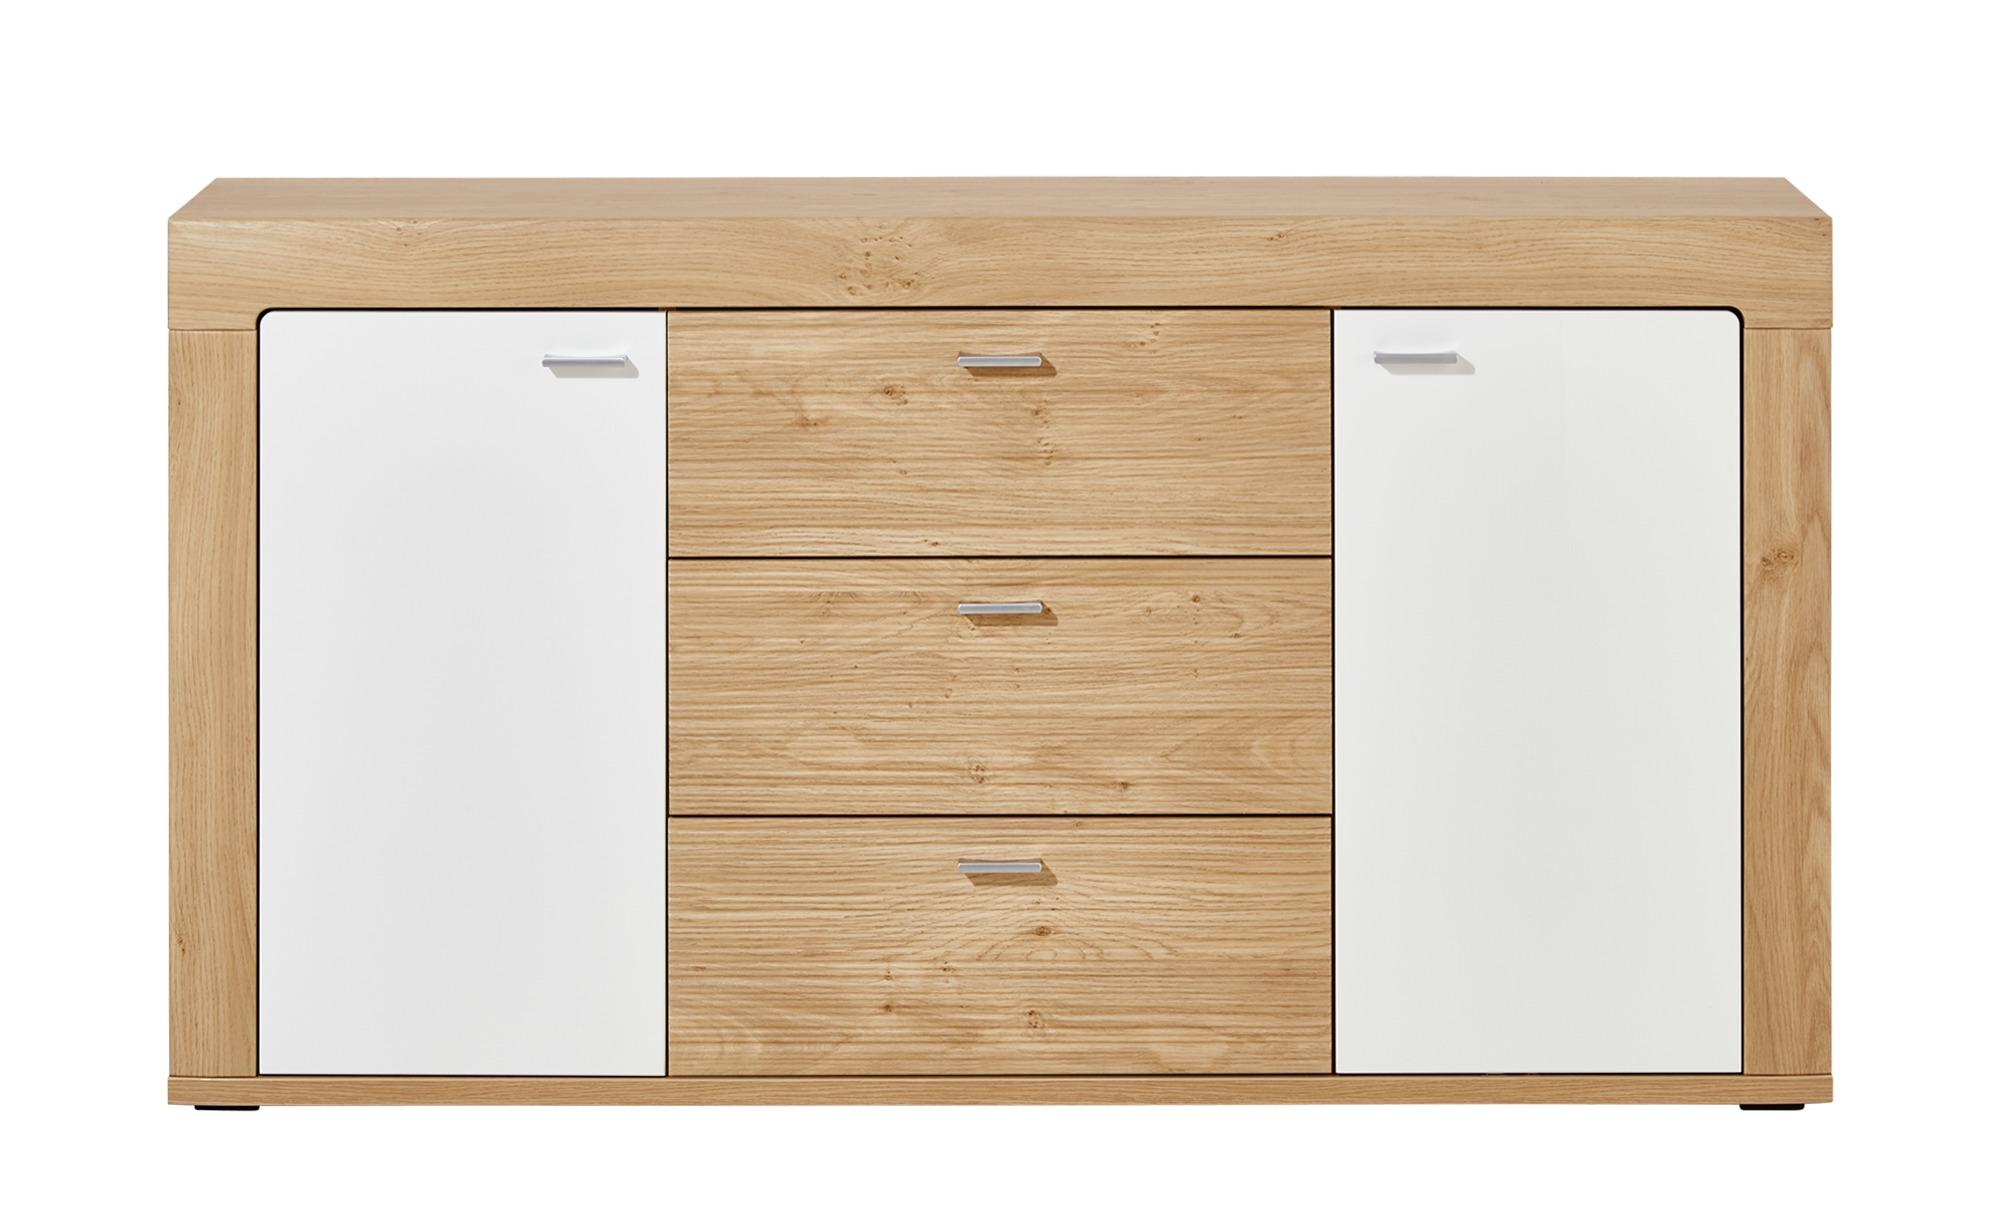 uno sideboard akzent breite 150 cm h he 82 cm holzfarben online kaufen bei woonio. Black Bedroom Furniture Sets. Home Design Ideas